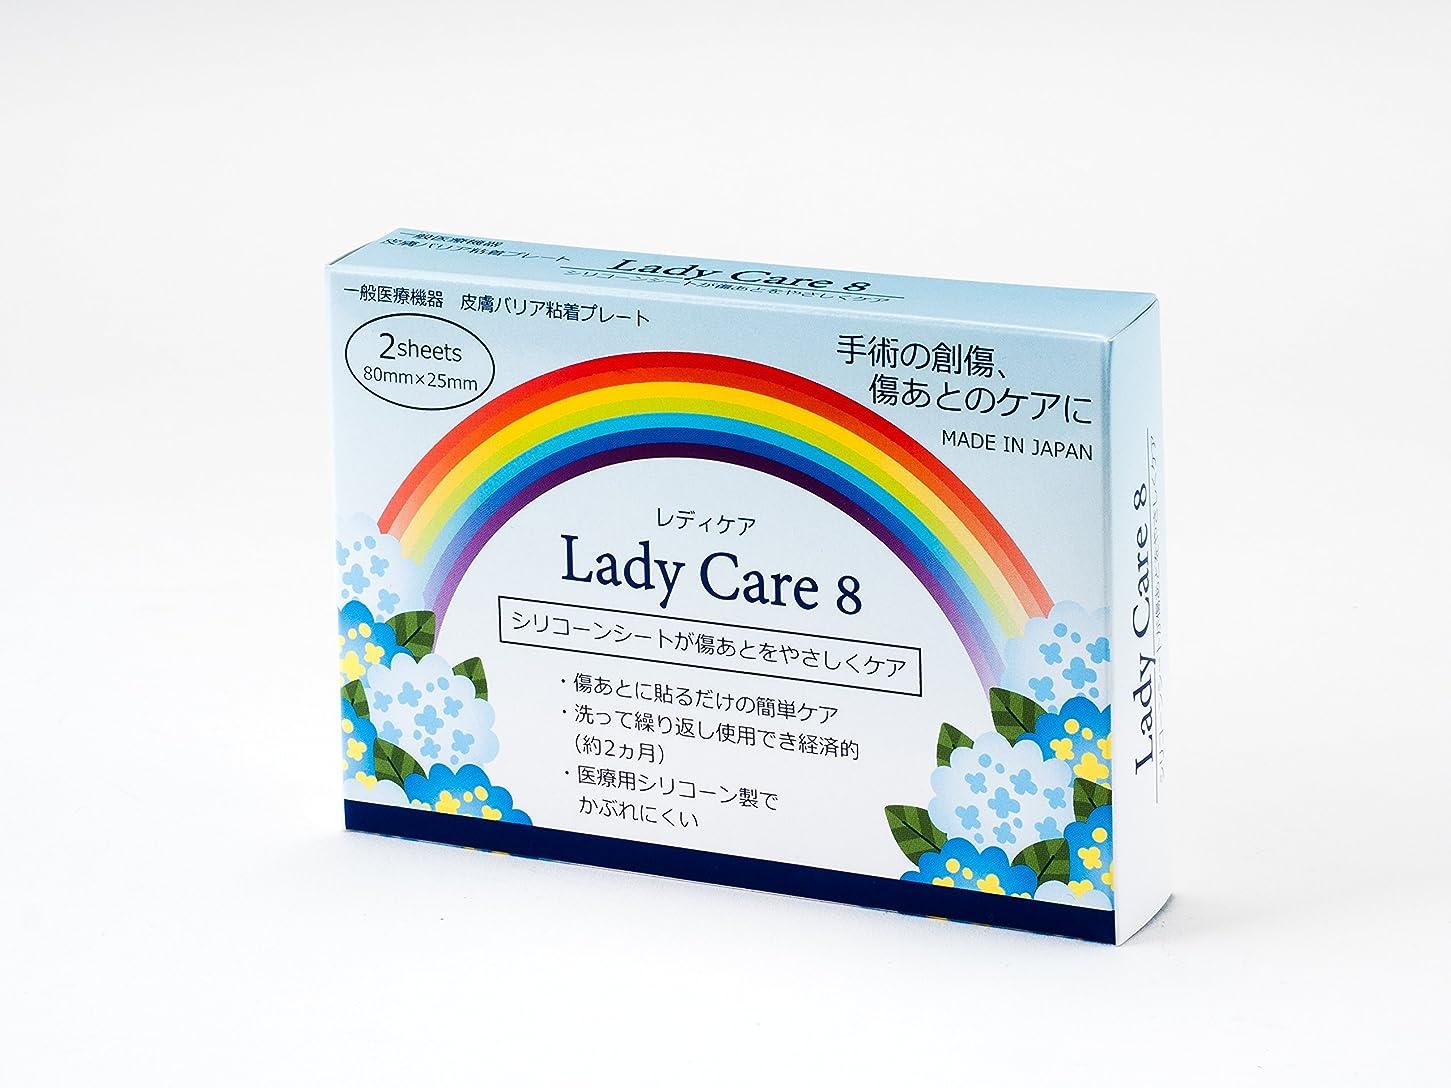 スペイン語壊すファイターギネマム Lady Care8 レディケア8 【8cm×2.5cm】 2枚入り 術後